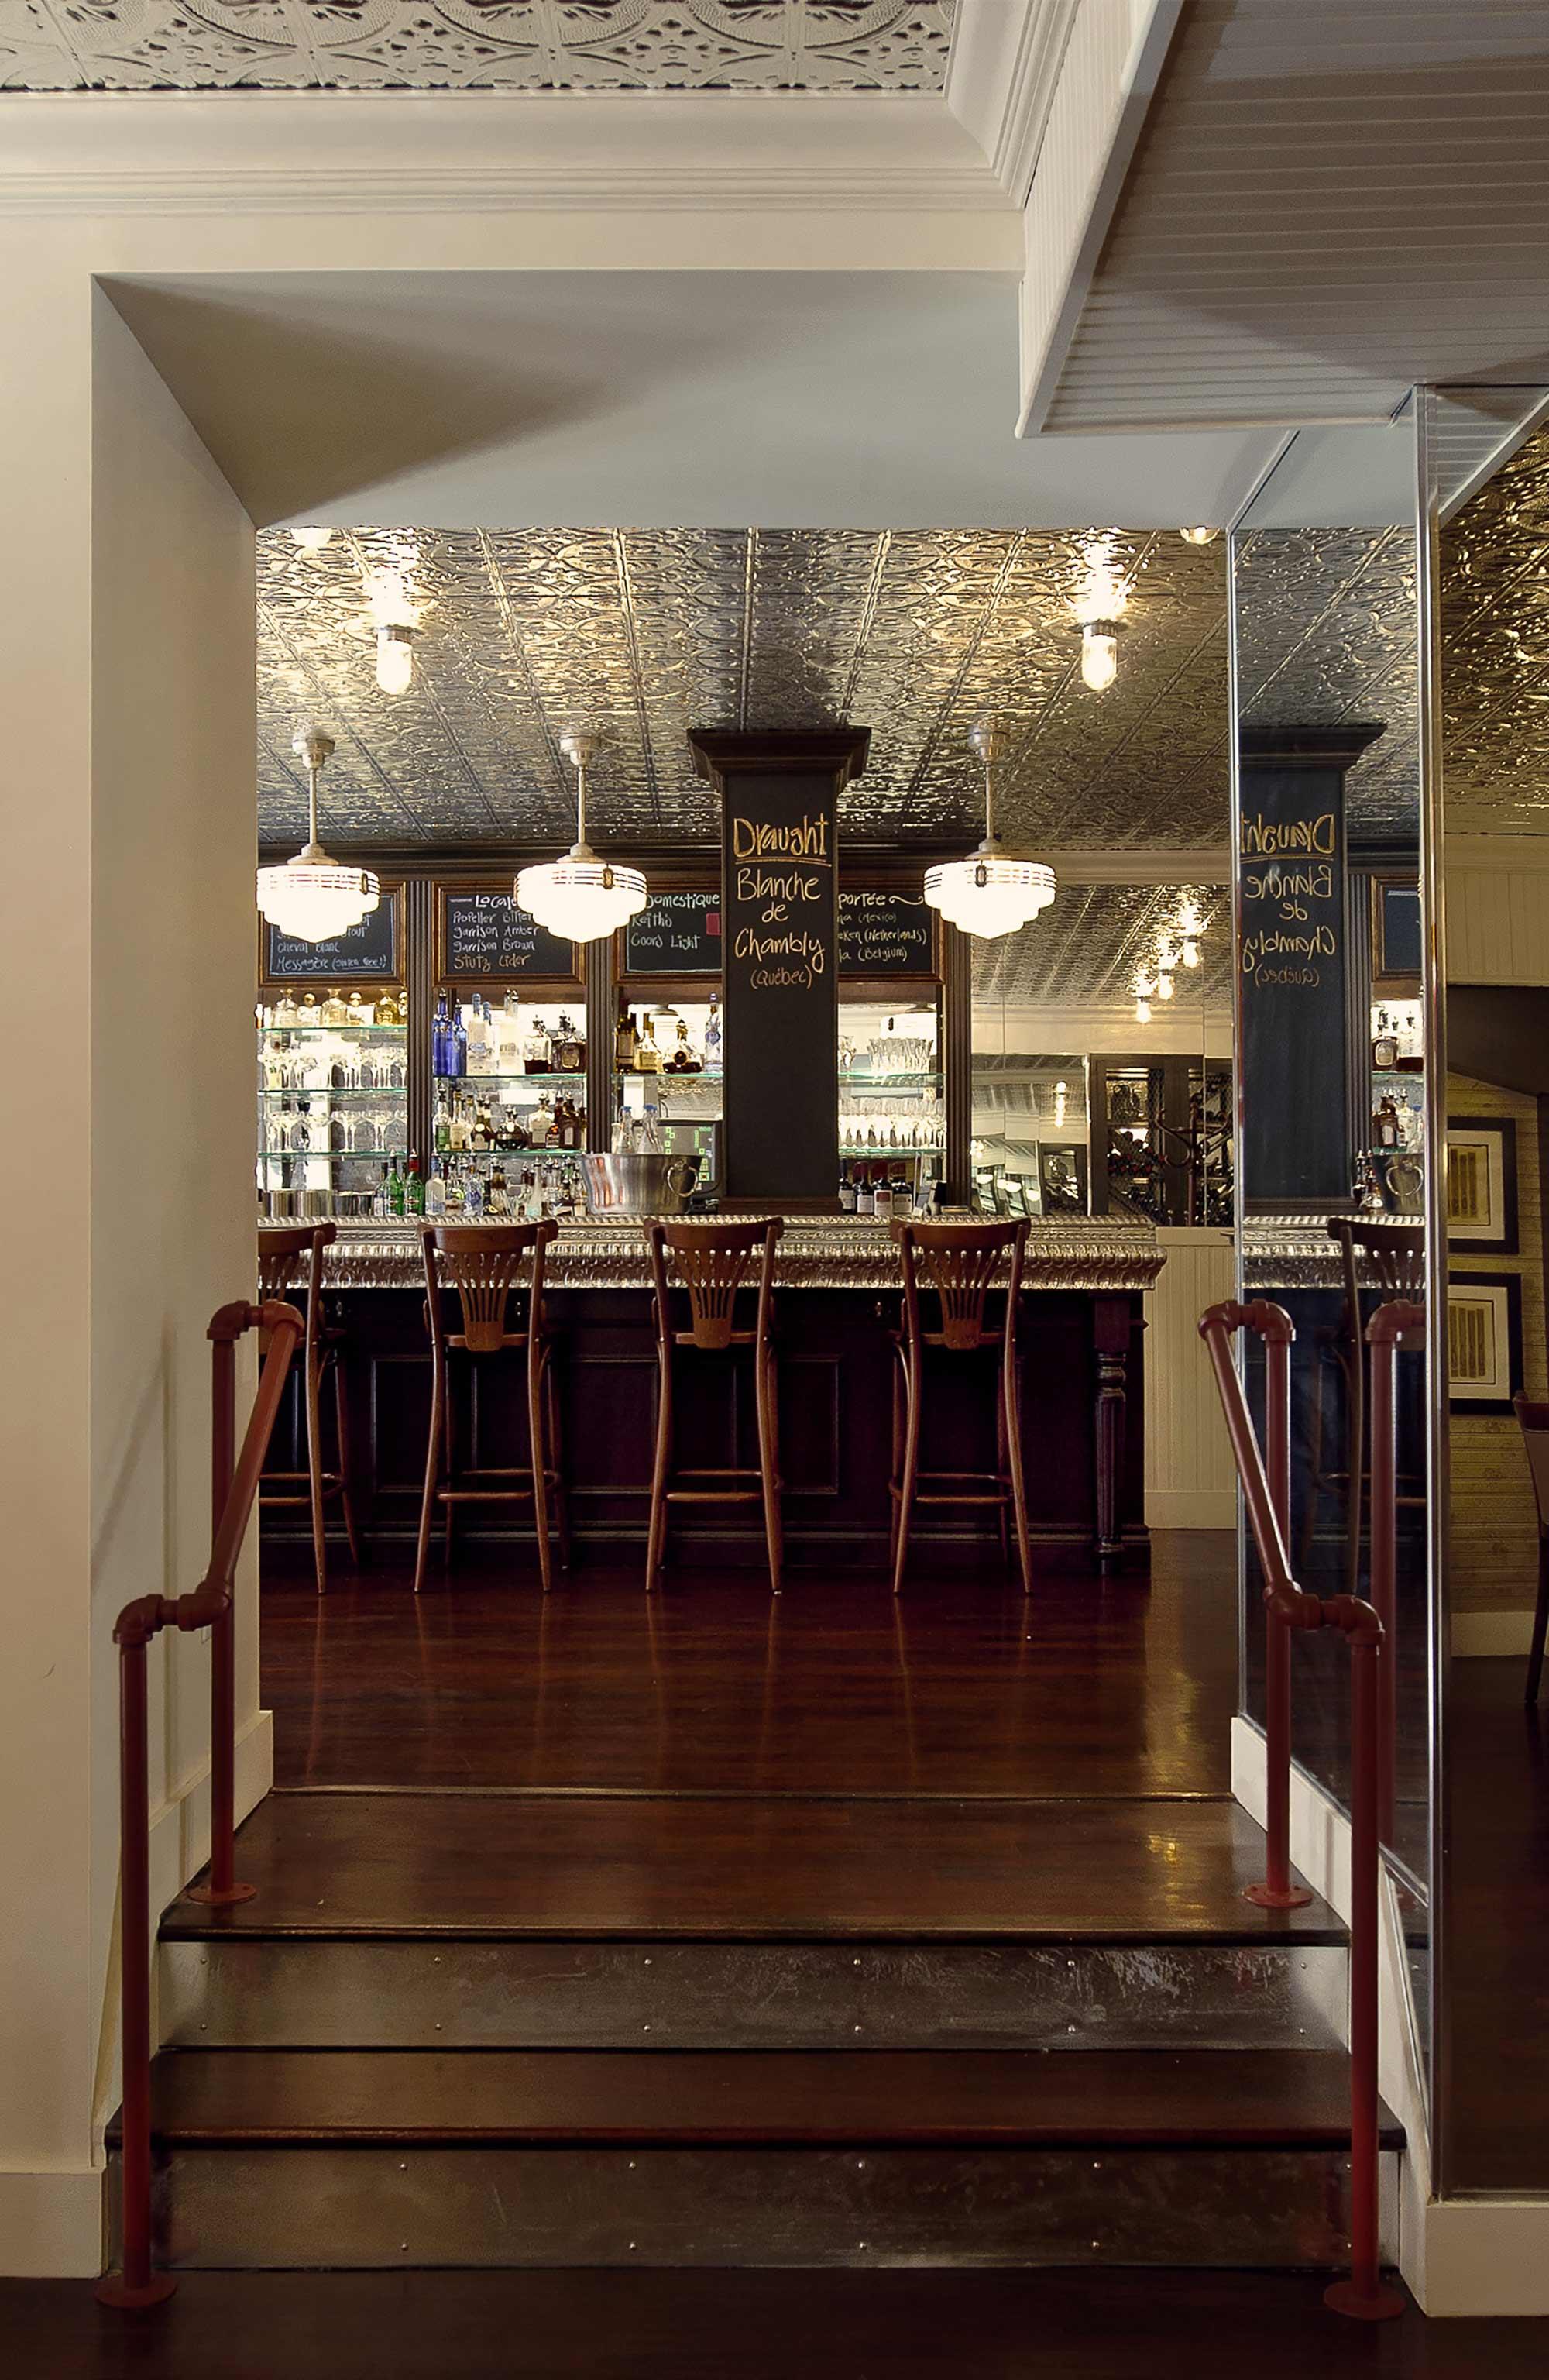 interior-design-french-restaurant-bar-steps.jpg